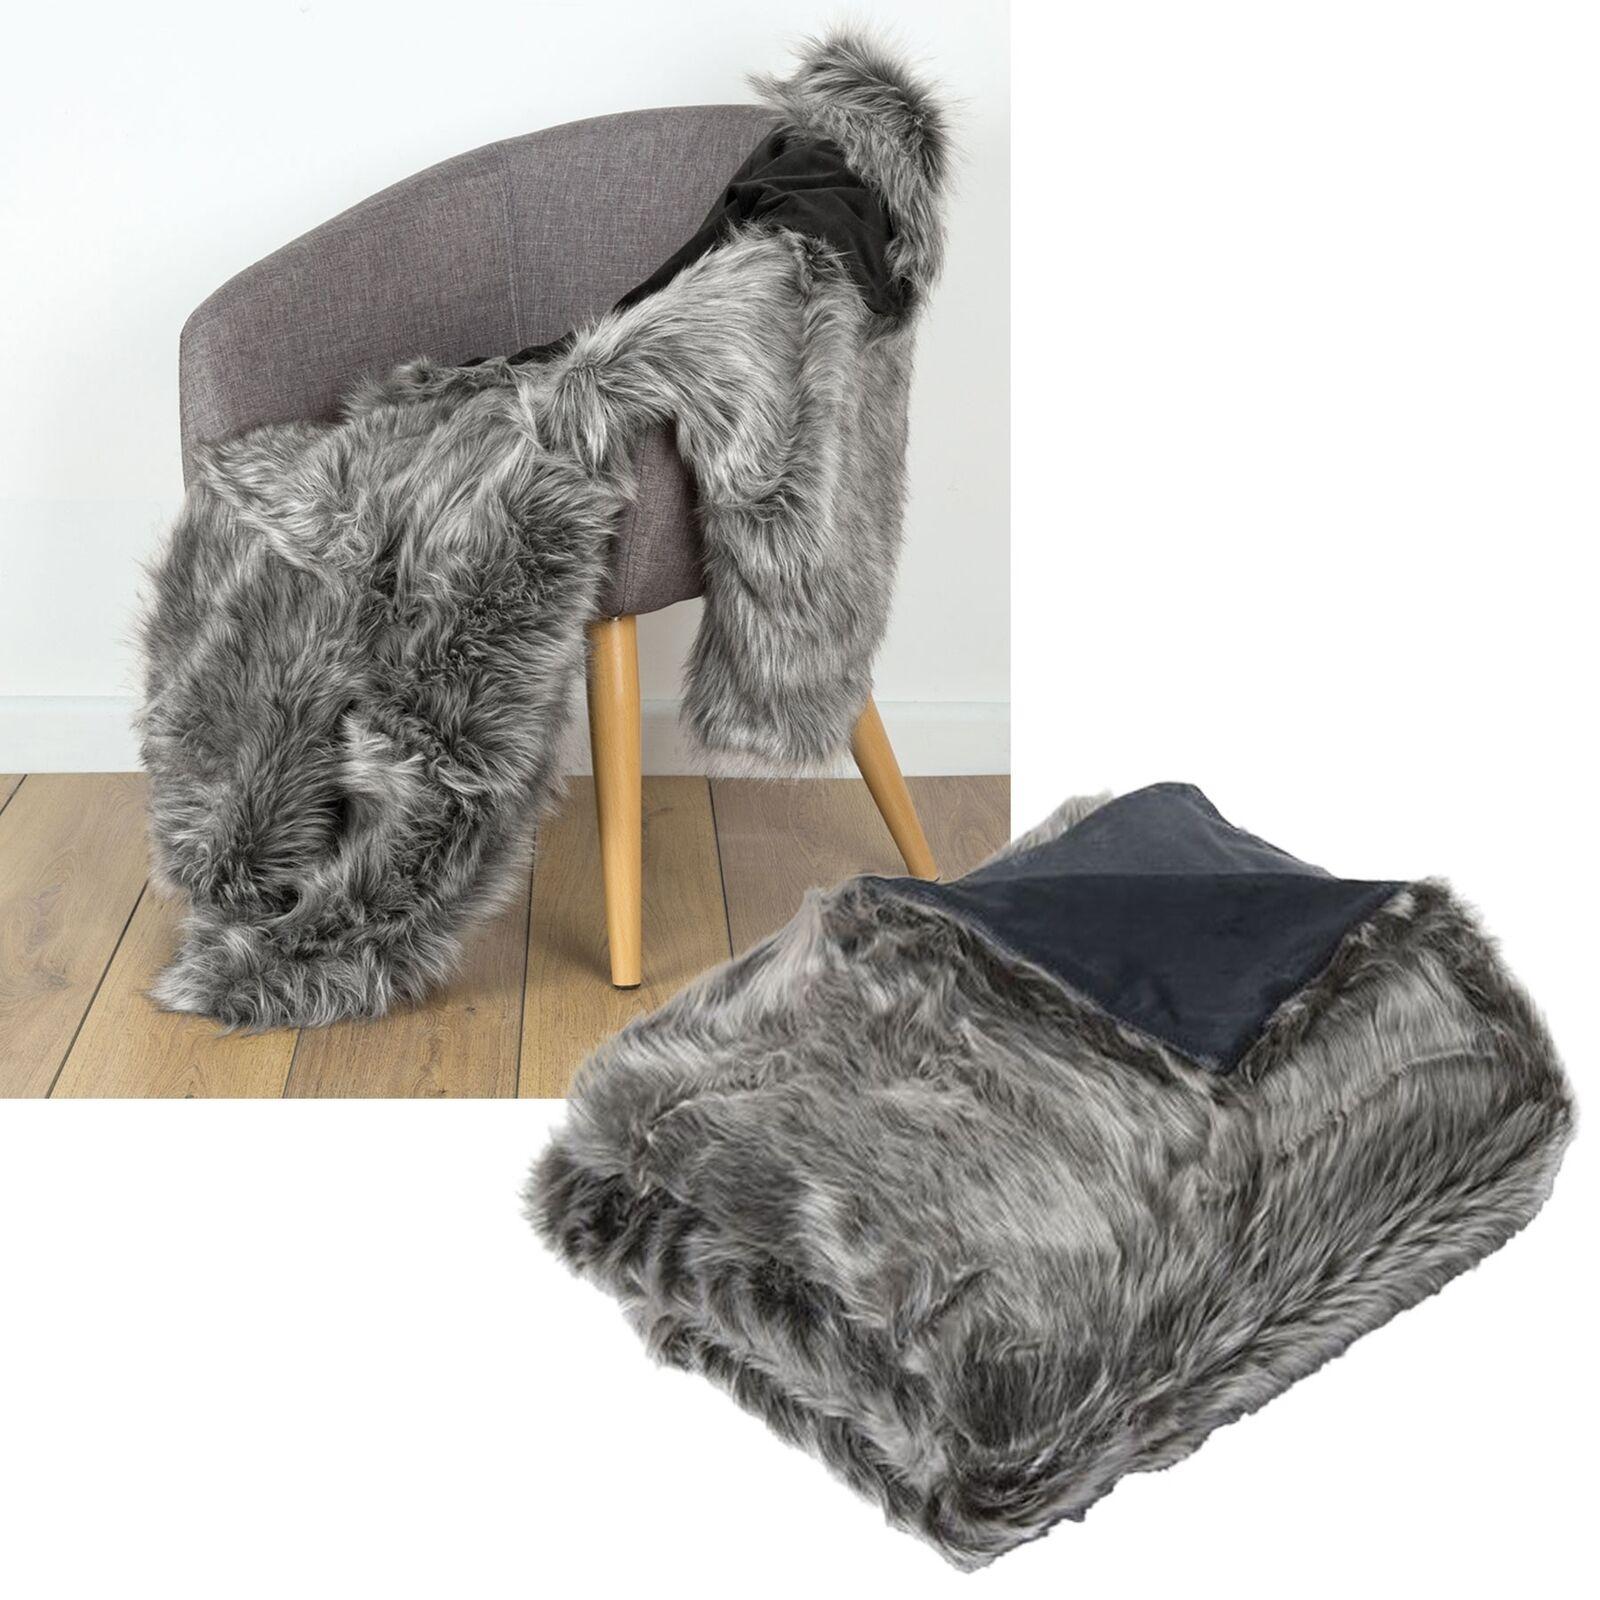 De Lujo Suave Imitación piel de visón Wolf Cama Sofá Lounge Manta Runner 125x150cm